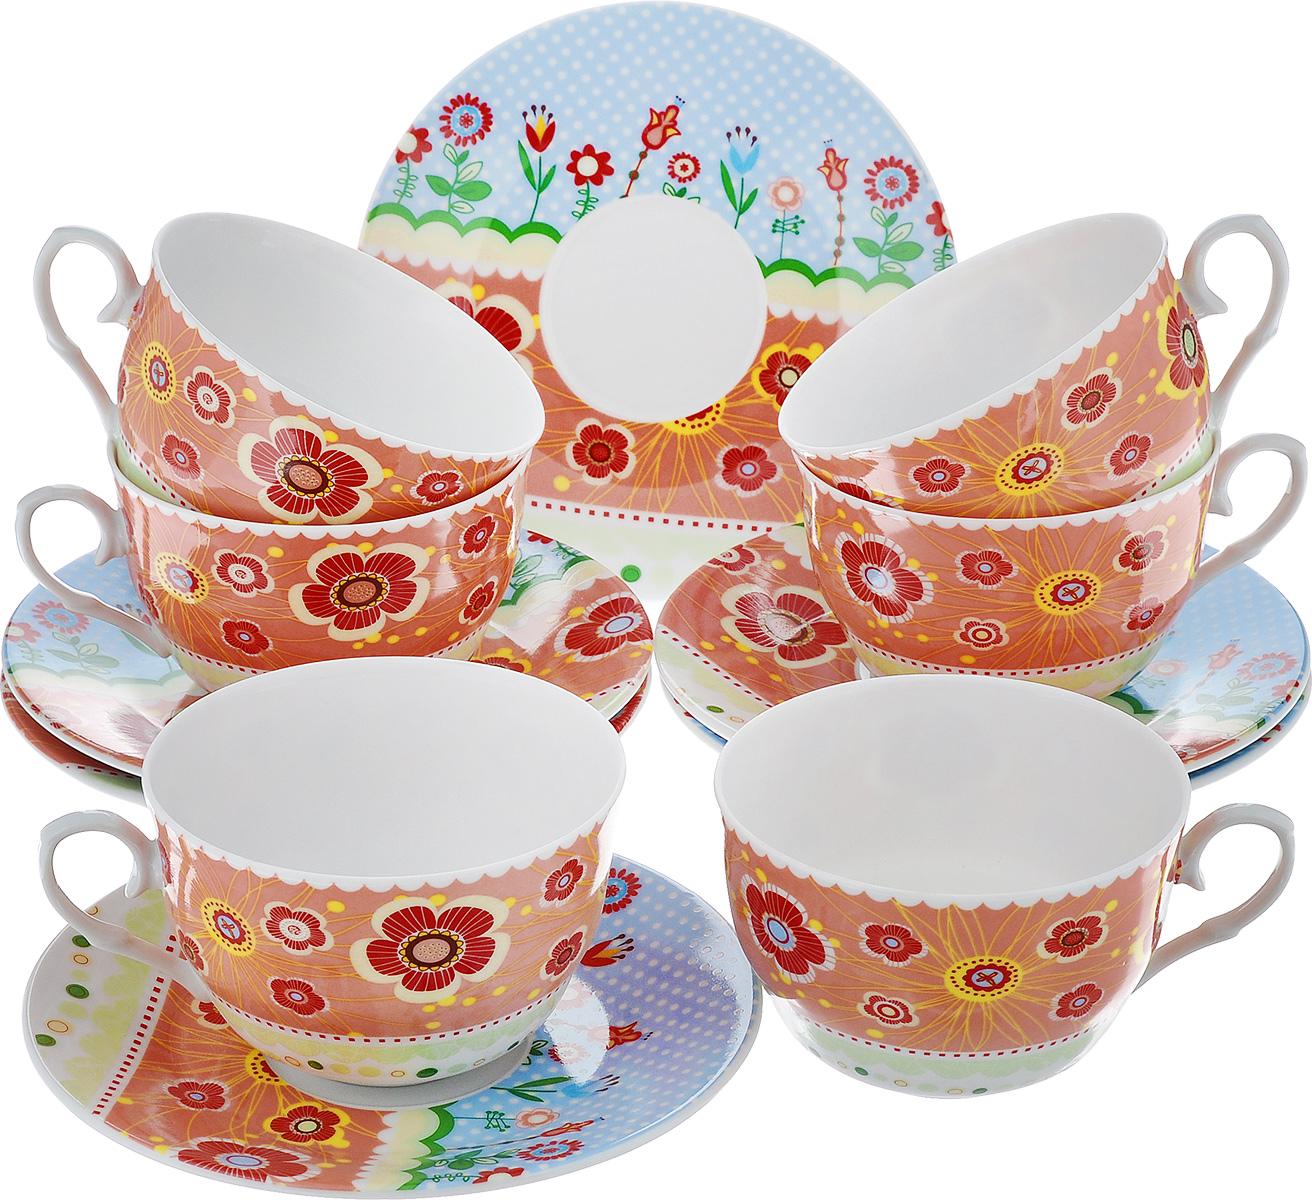 Чайный набор LarangE Фьюжн, цвет: оранжевый, голубой, 12 предметов586-317Чайный набор LarangE Фьюжн состоит из шести чашек и шести блюдец,изготовленных из фарфора. Предметы набора оформленыизящным ярким рисунком.Чайный набор LarangE Фьюжн украсит ваш кухонный стол, а такжестанет замечательным подарком друзьям и близким.Объем чашки: 250 мл.Диаметр чашки по верхнему краю: 9 см.Высота чашки: 6 см.Диаметр блюдца: 14,5 см.